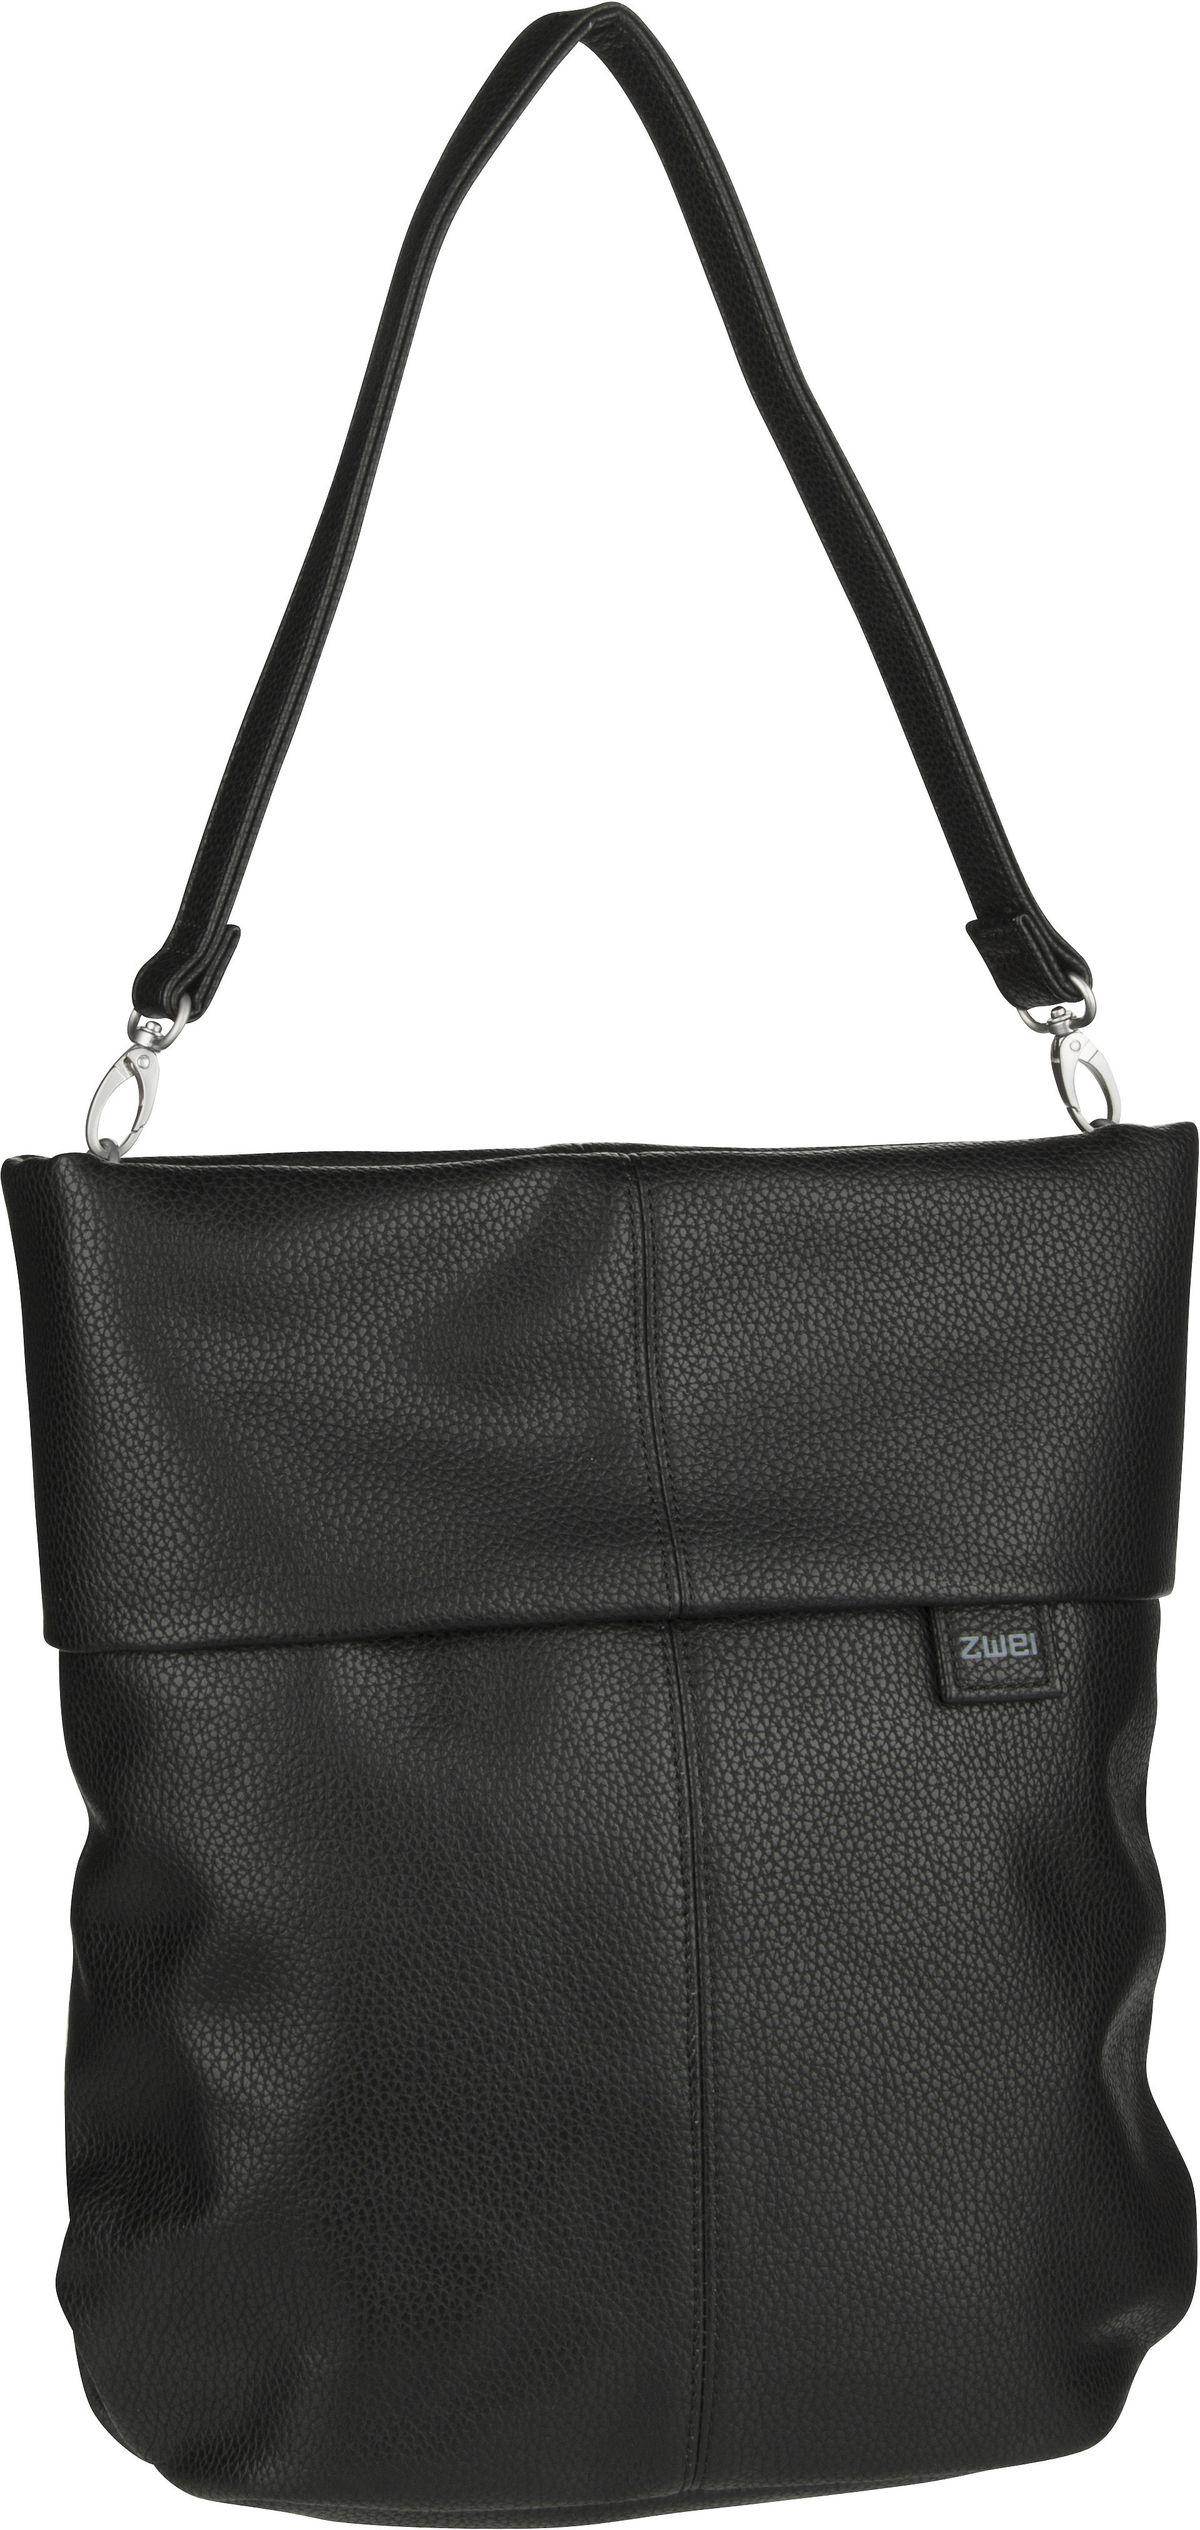 Handtasche Mademoiselle M12 Schwarz (7 Liter)